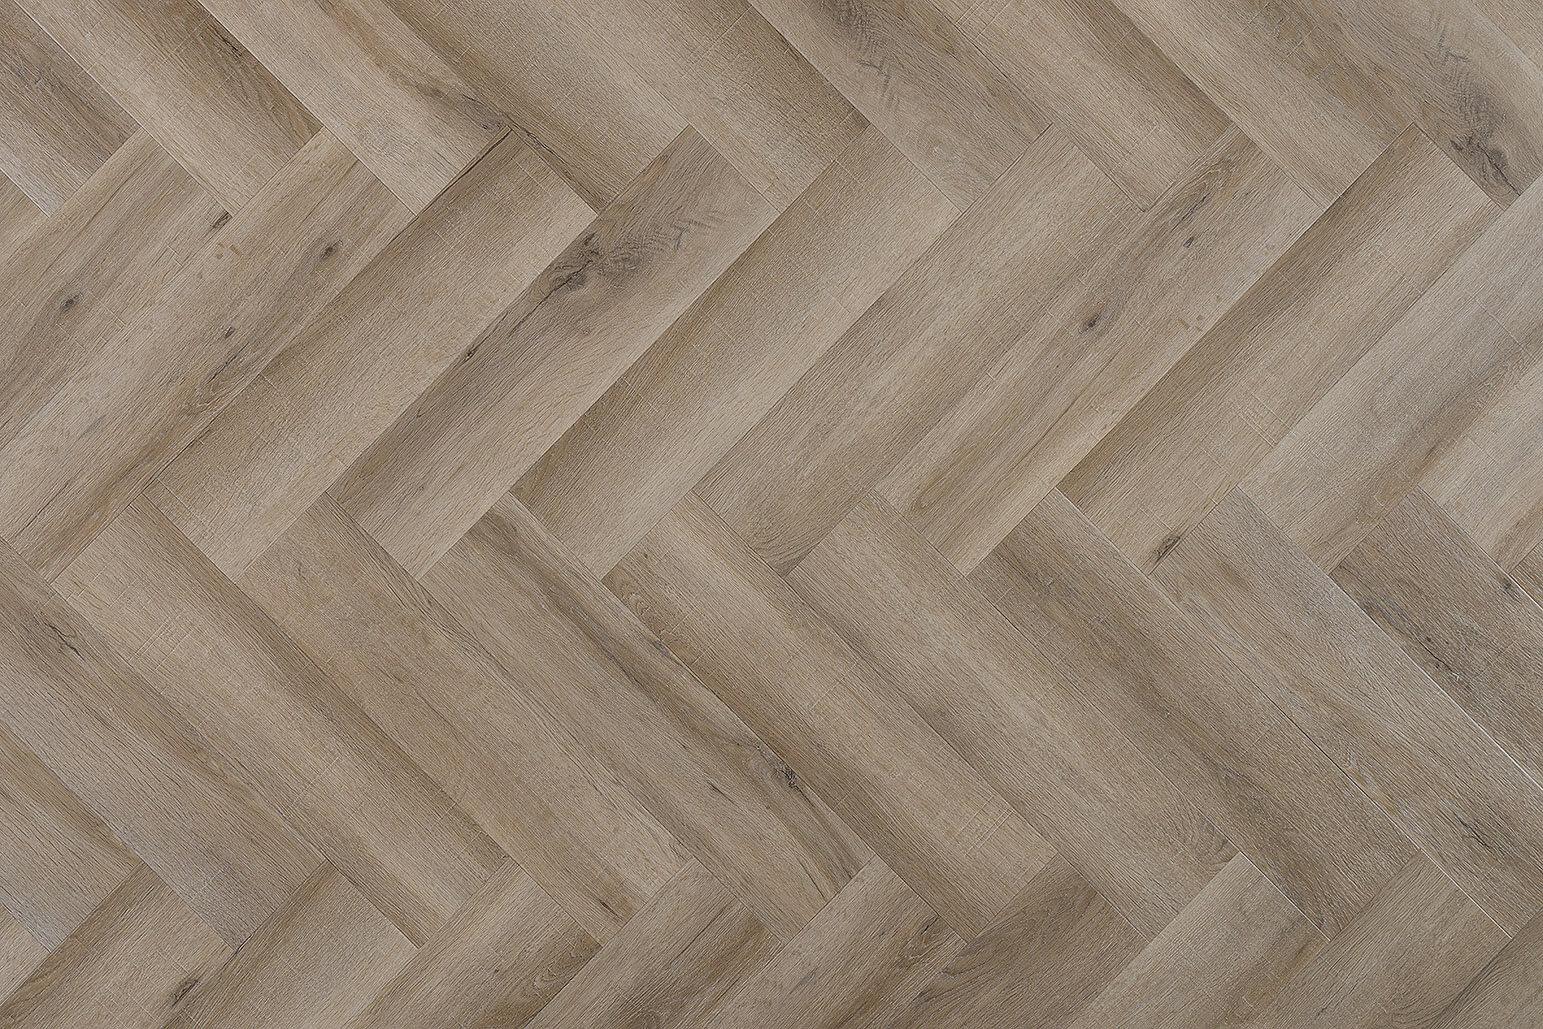 Visgraat vloer van pvc de onderhoudsvrije vloer voor uw thuis